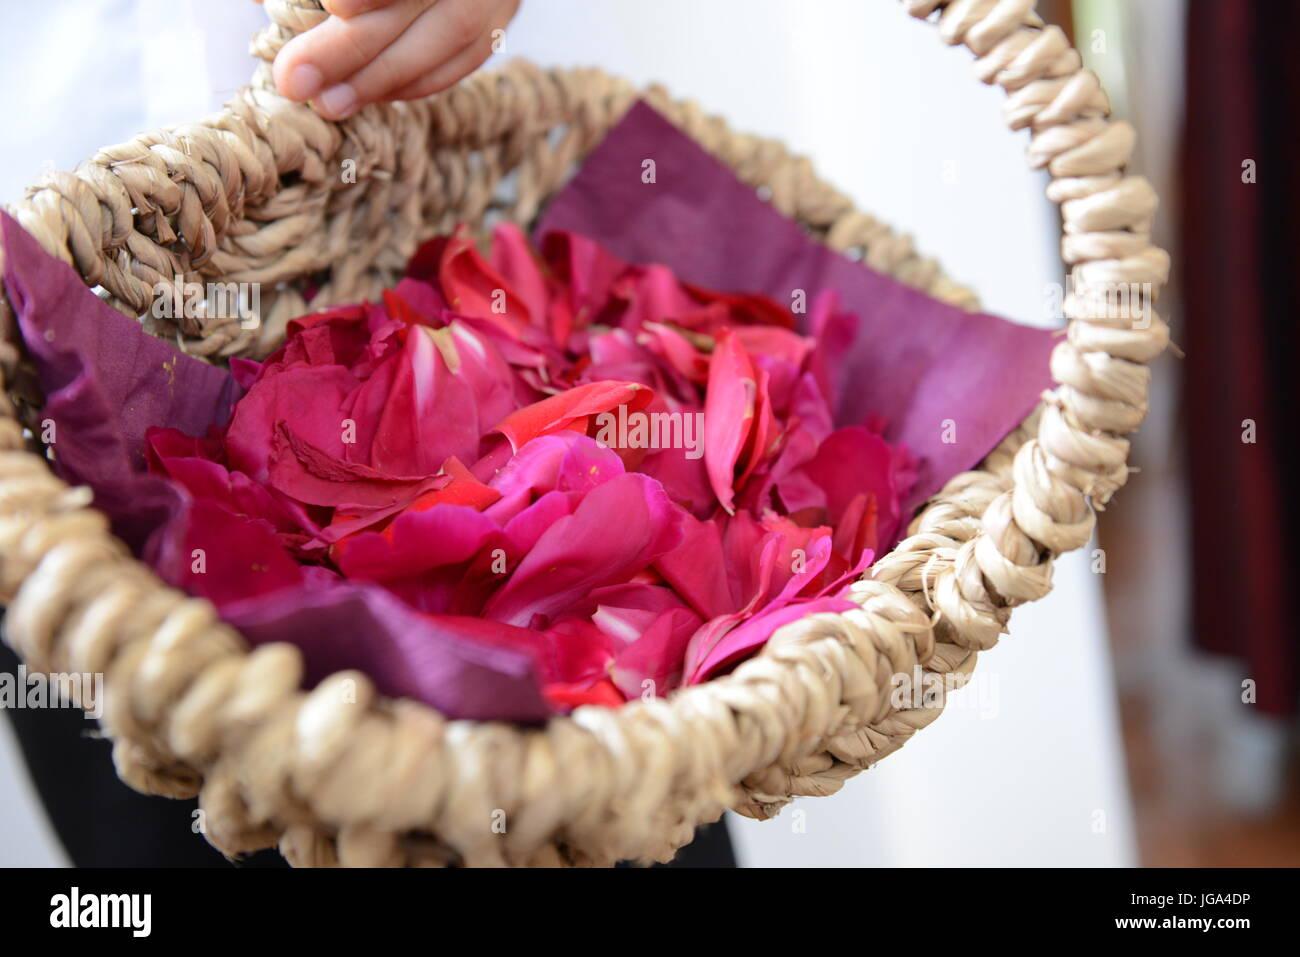 Purple Wedding Roses Imágenes De Stock & Purple Wedding Roses Fotos ...